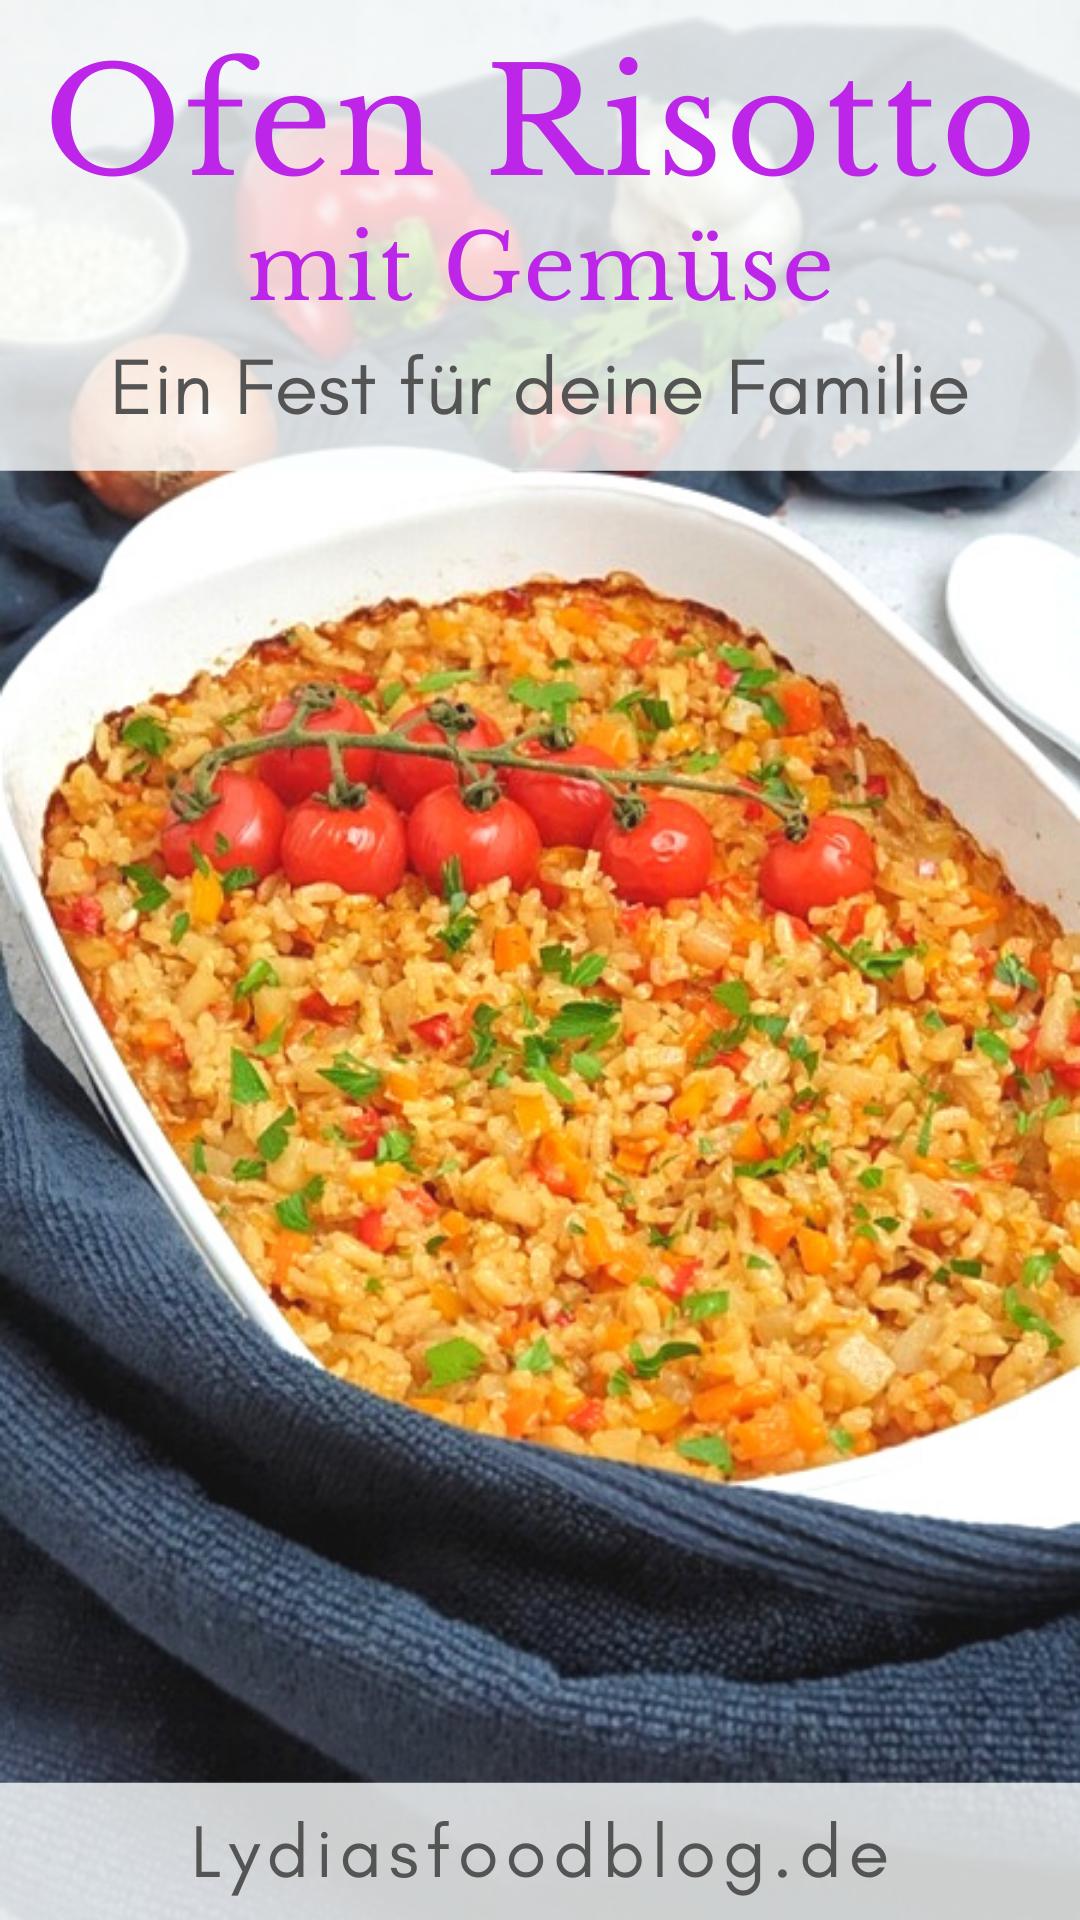 Dieses einfache Risotto mit Gemüse aus dem Backofen ist eine leckere und einfache Beilage für deine Lieben Damit kannst du Groß und Klein begeistern probi...